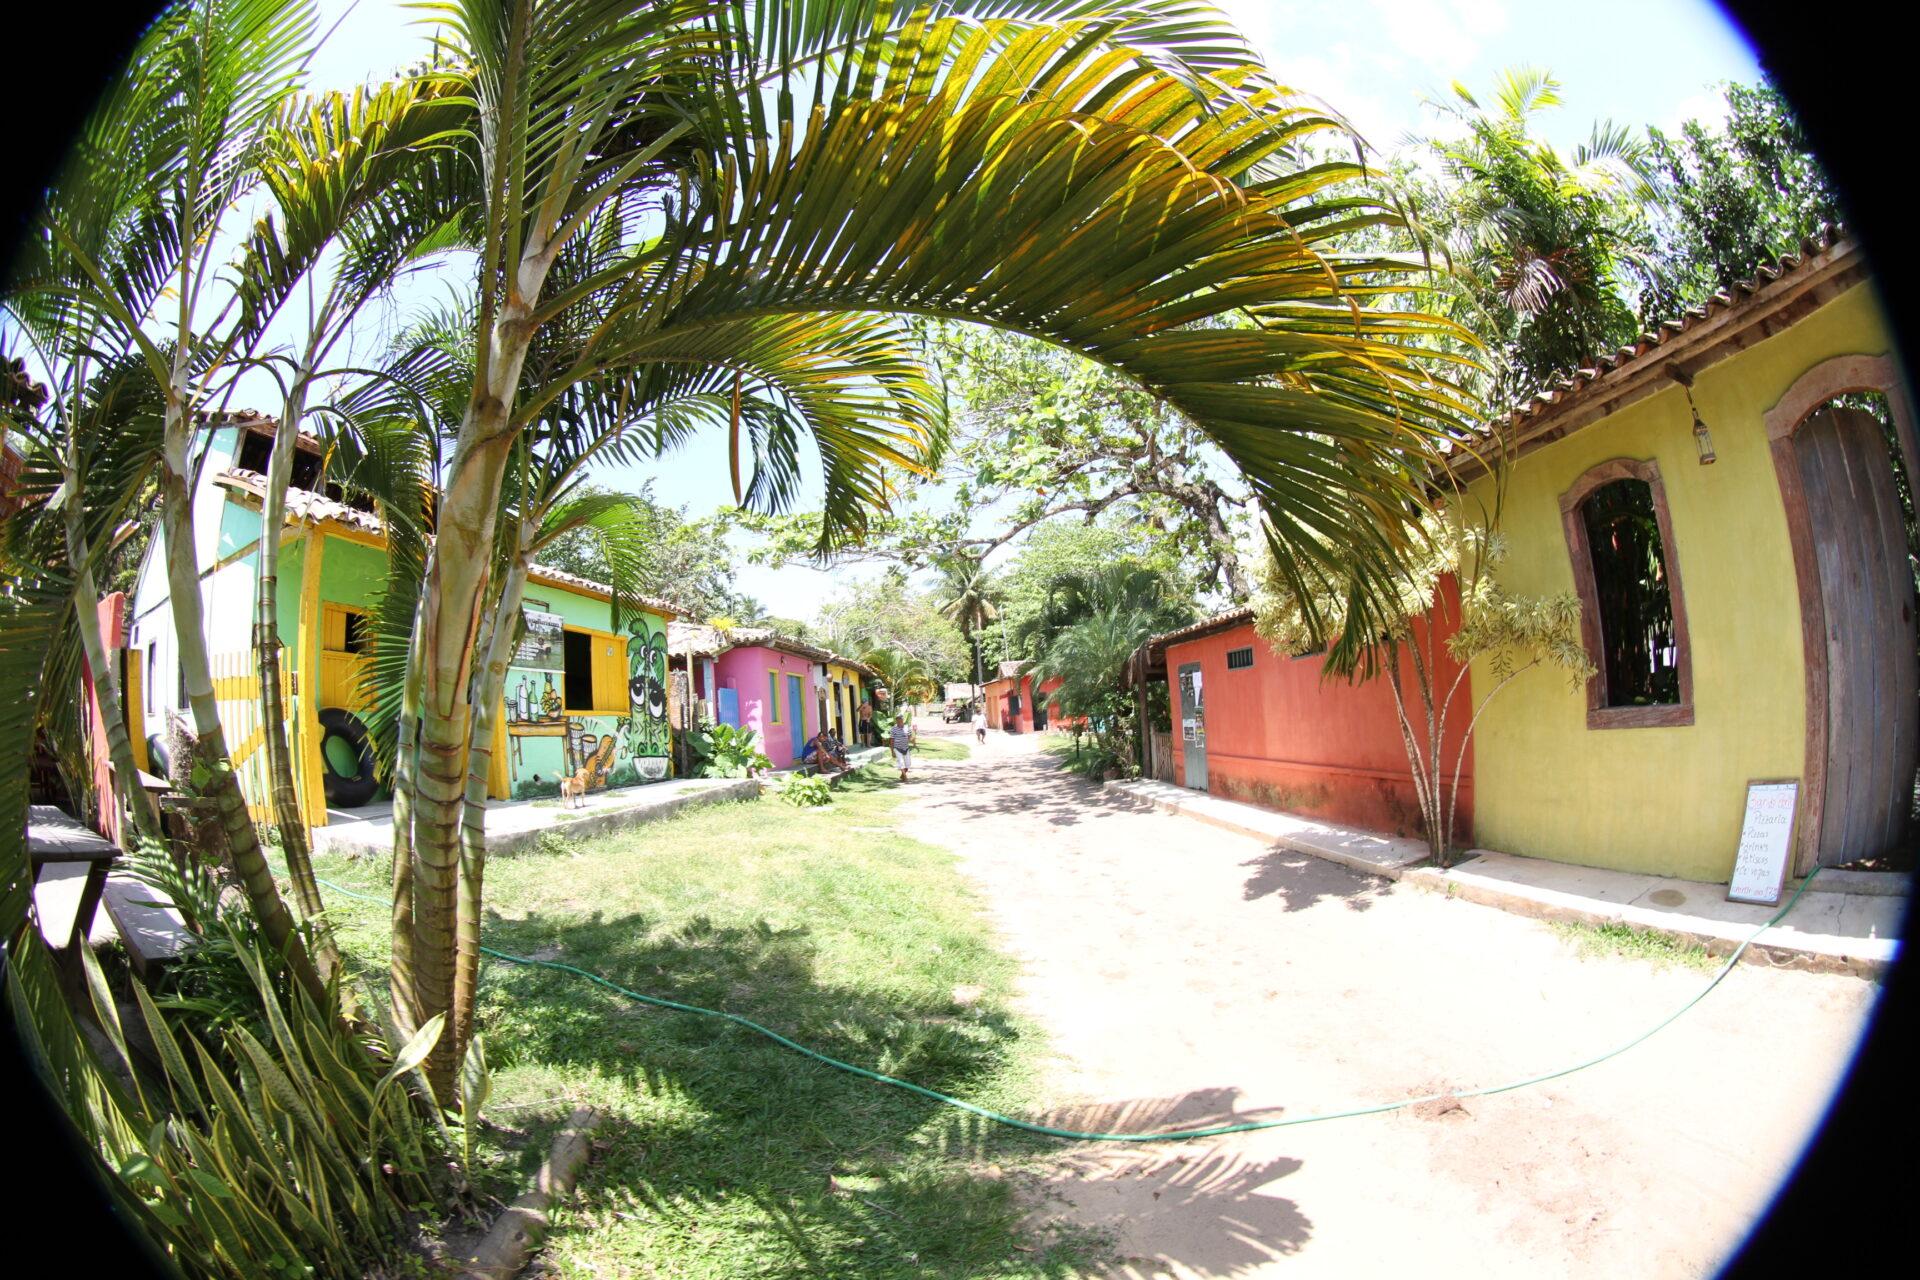 La vida en jamaica - 1 part 1